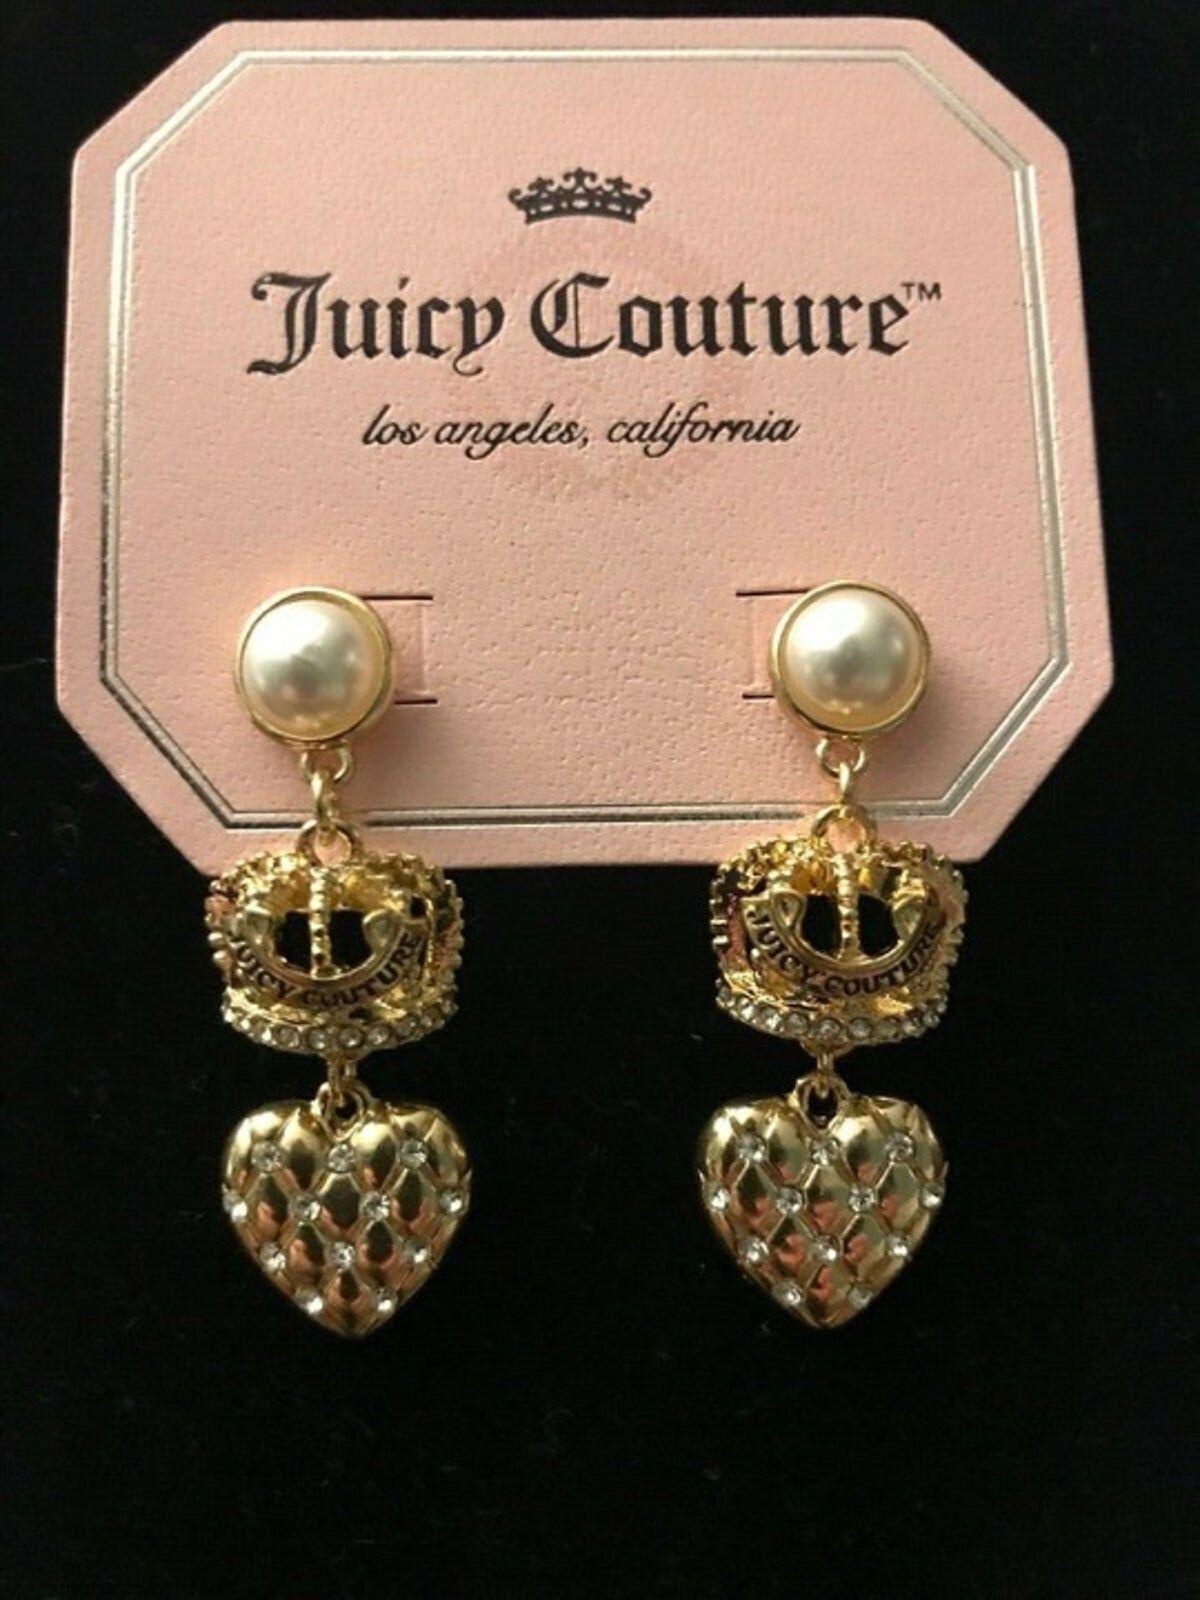 Green Charm Earrings Heart Earrings Love Heart Earrings Love Symbol earrings Green Tint Earrings